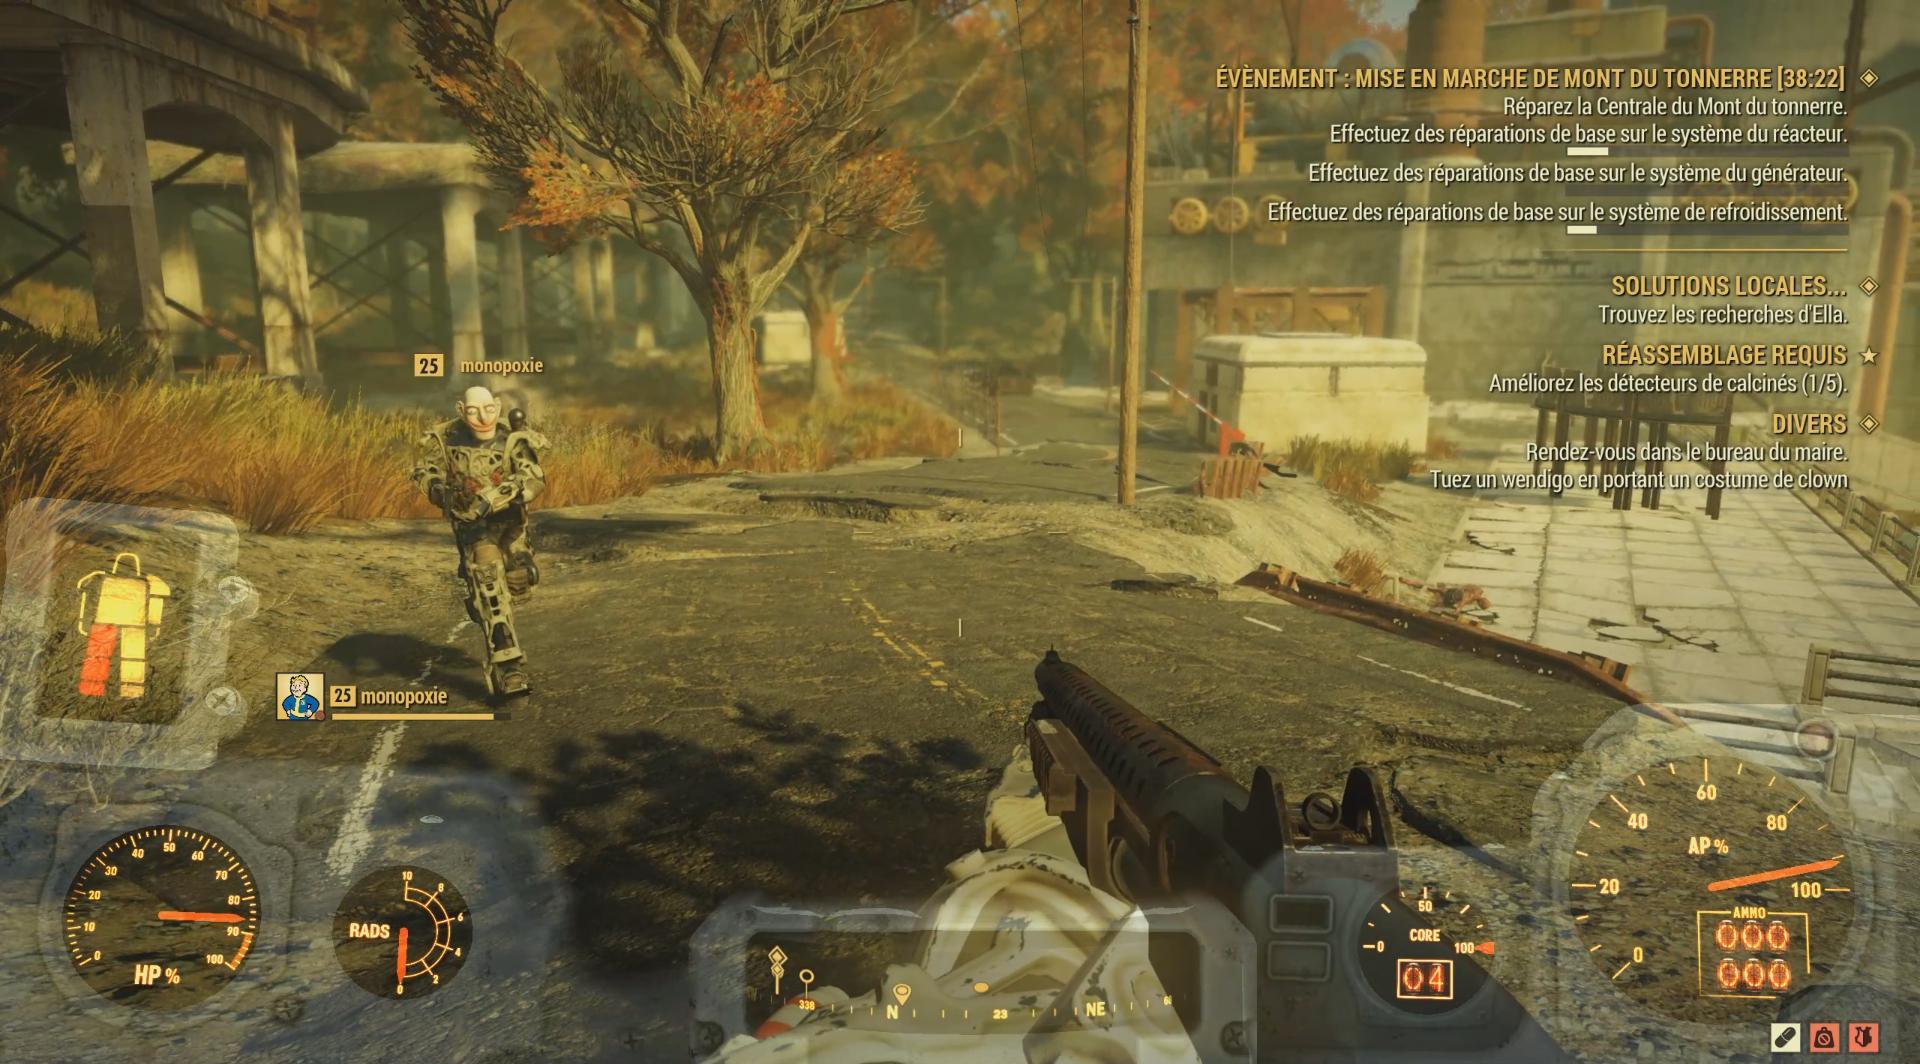 Comment voulez-vous brancher la puissance dans Fallout 4